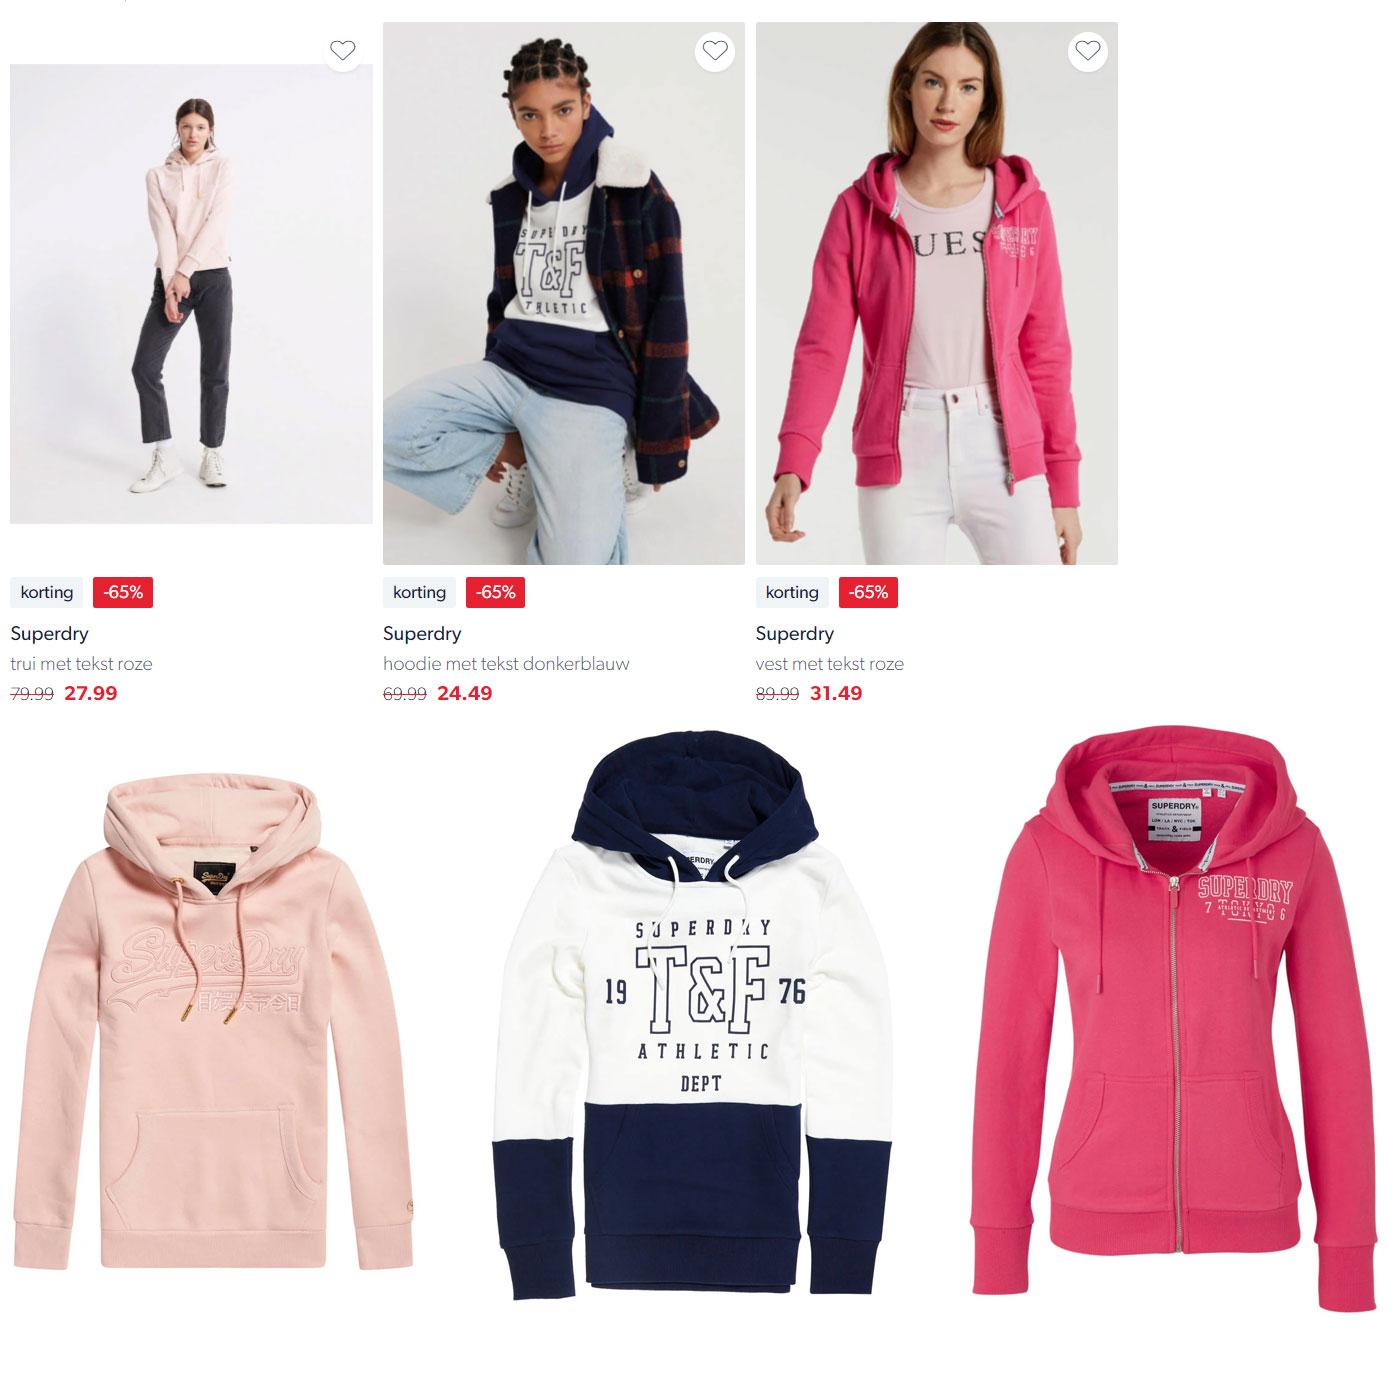 Superdry dames hoodies -65% @ Wehkamp